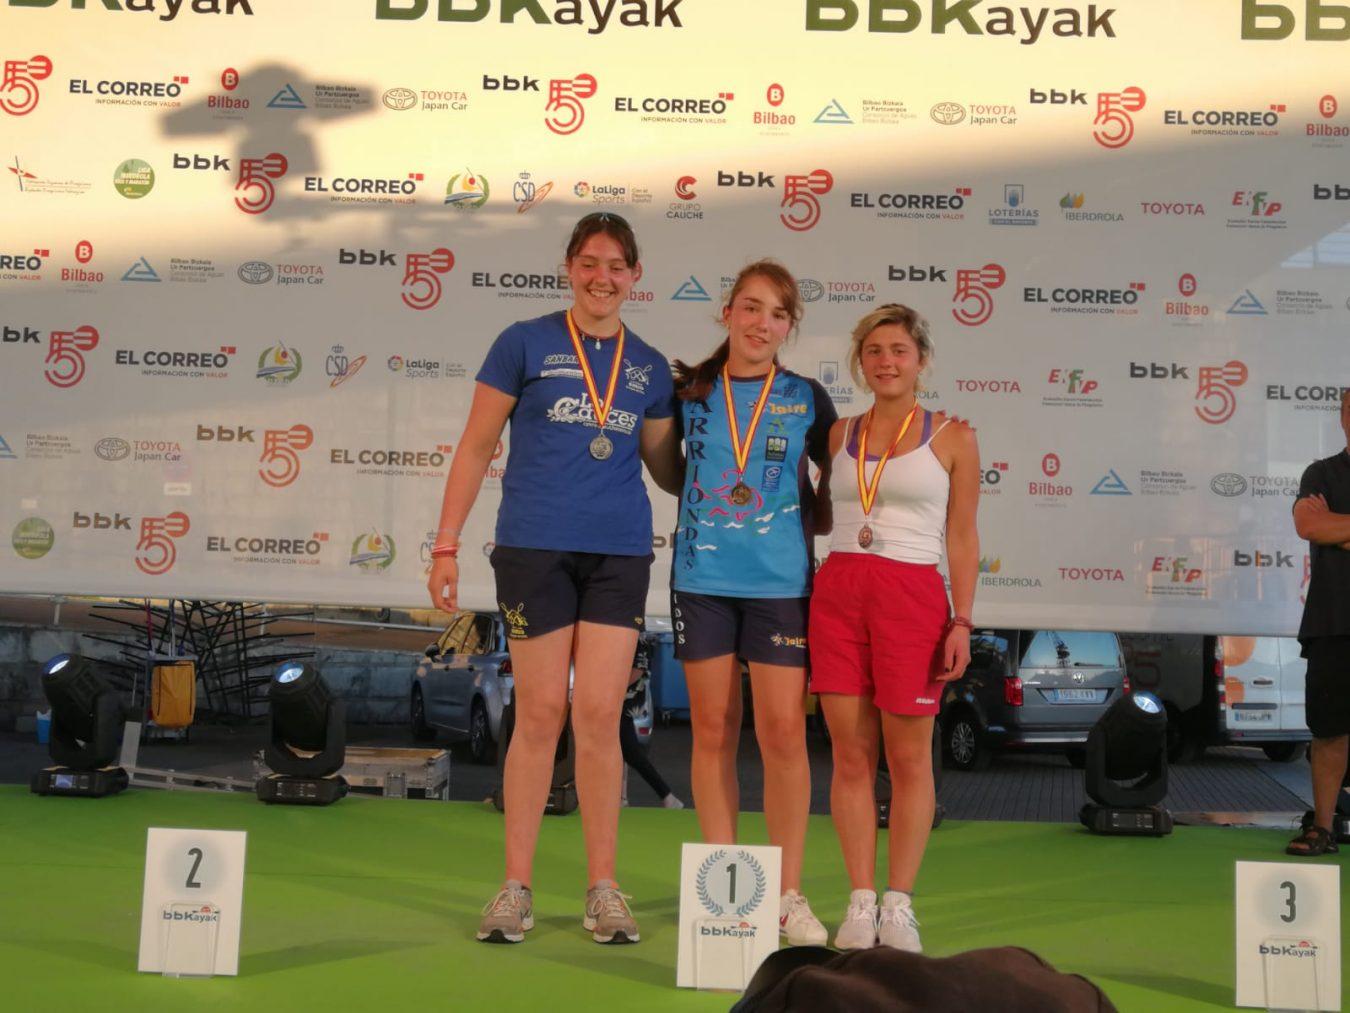 Andrea Rodríguez (Los Rápidos), Campeona de España de Ríos y Travesías por delante de Carla Corral